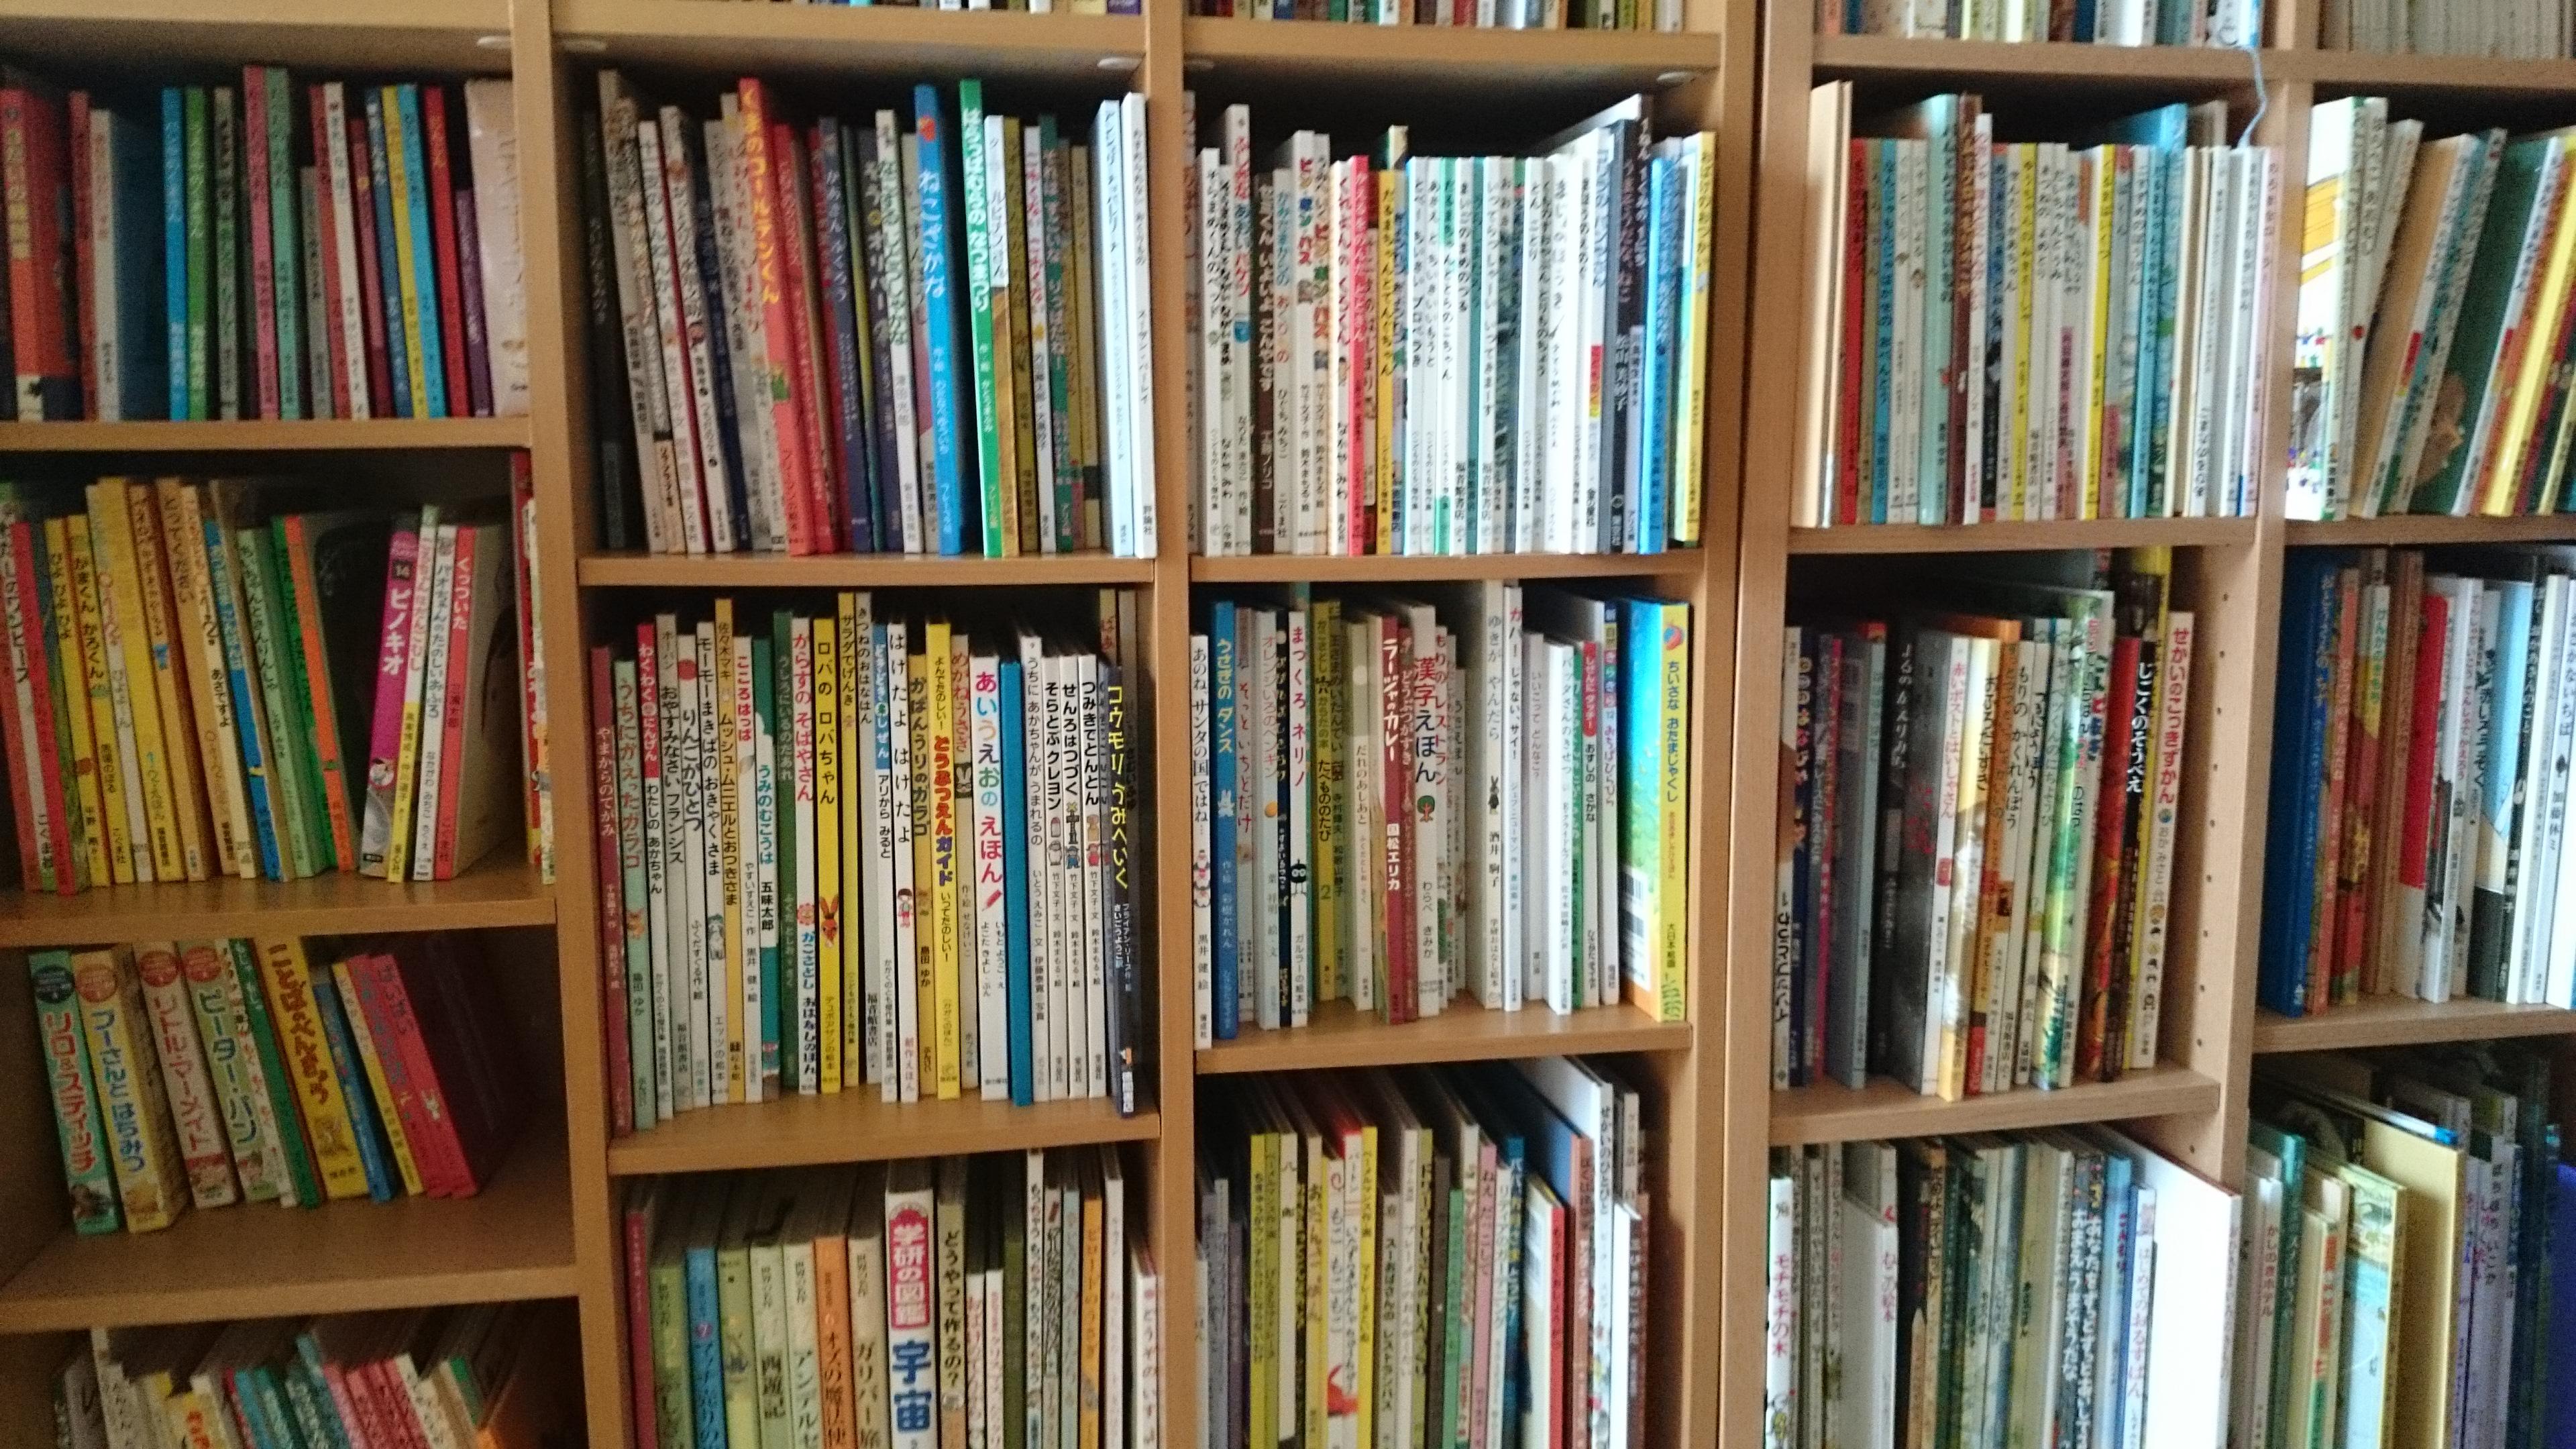 すべての講義 幼稚園 絵本 定期購読 : これは、絵本棚の一部分の写真 ...